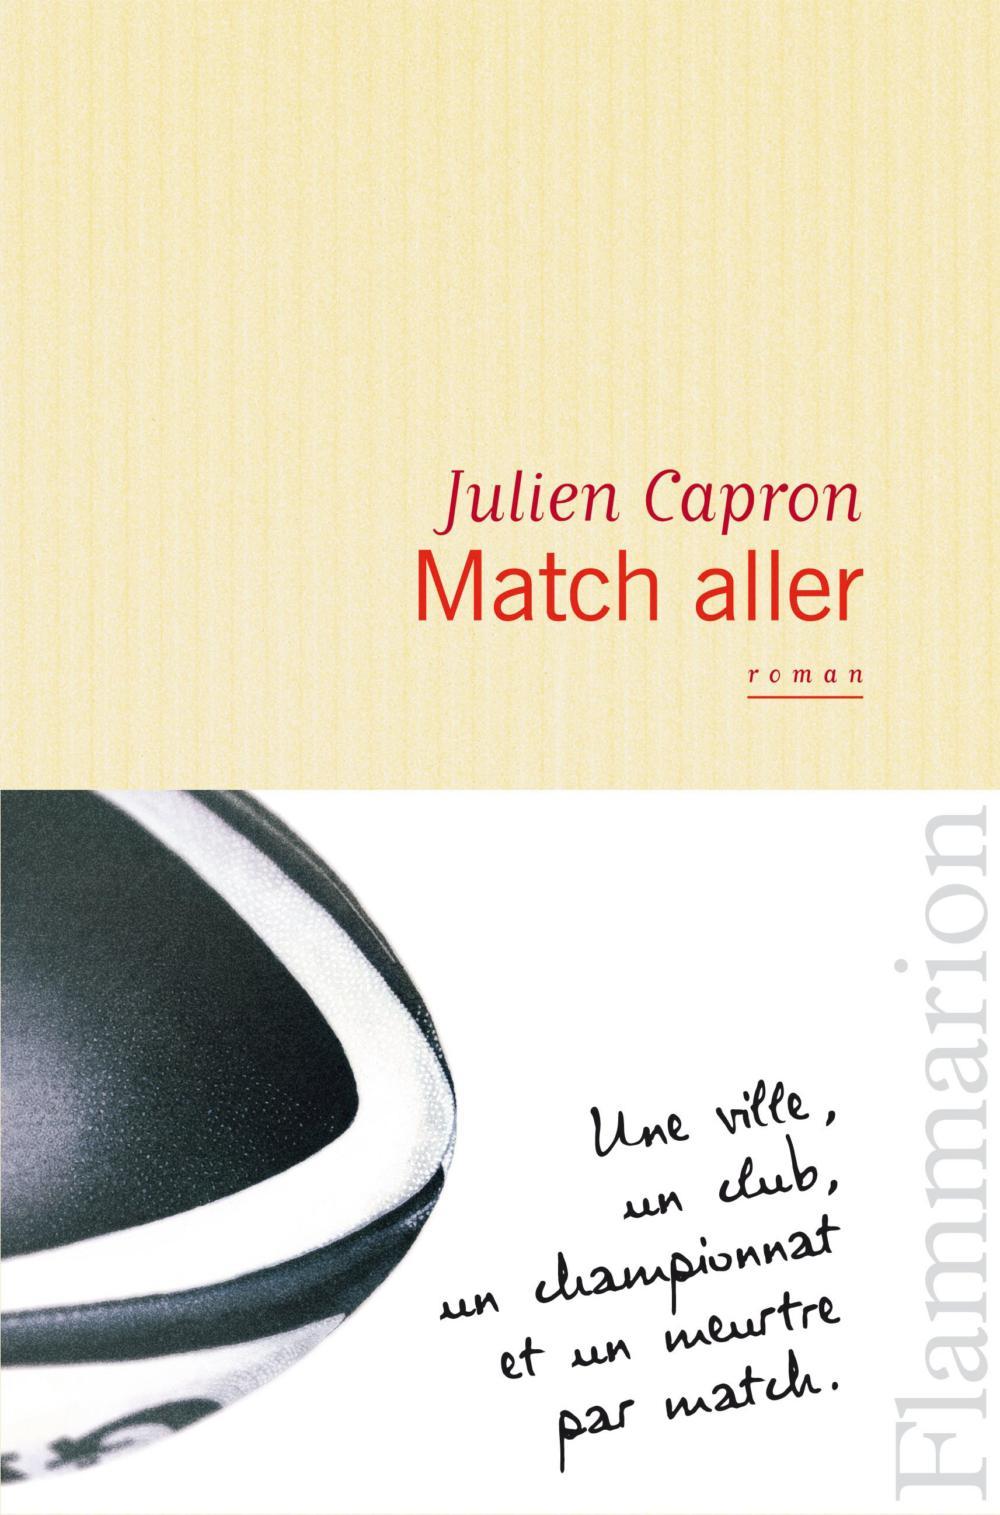 Match aller